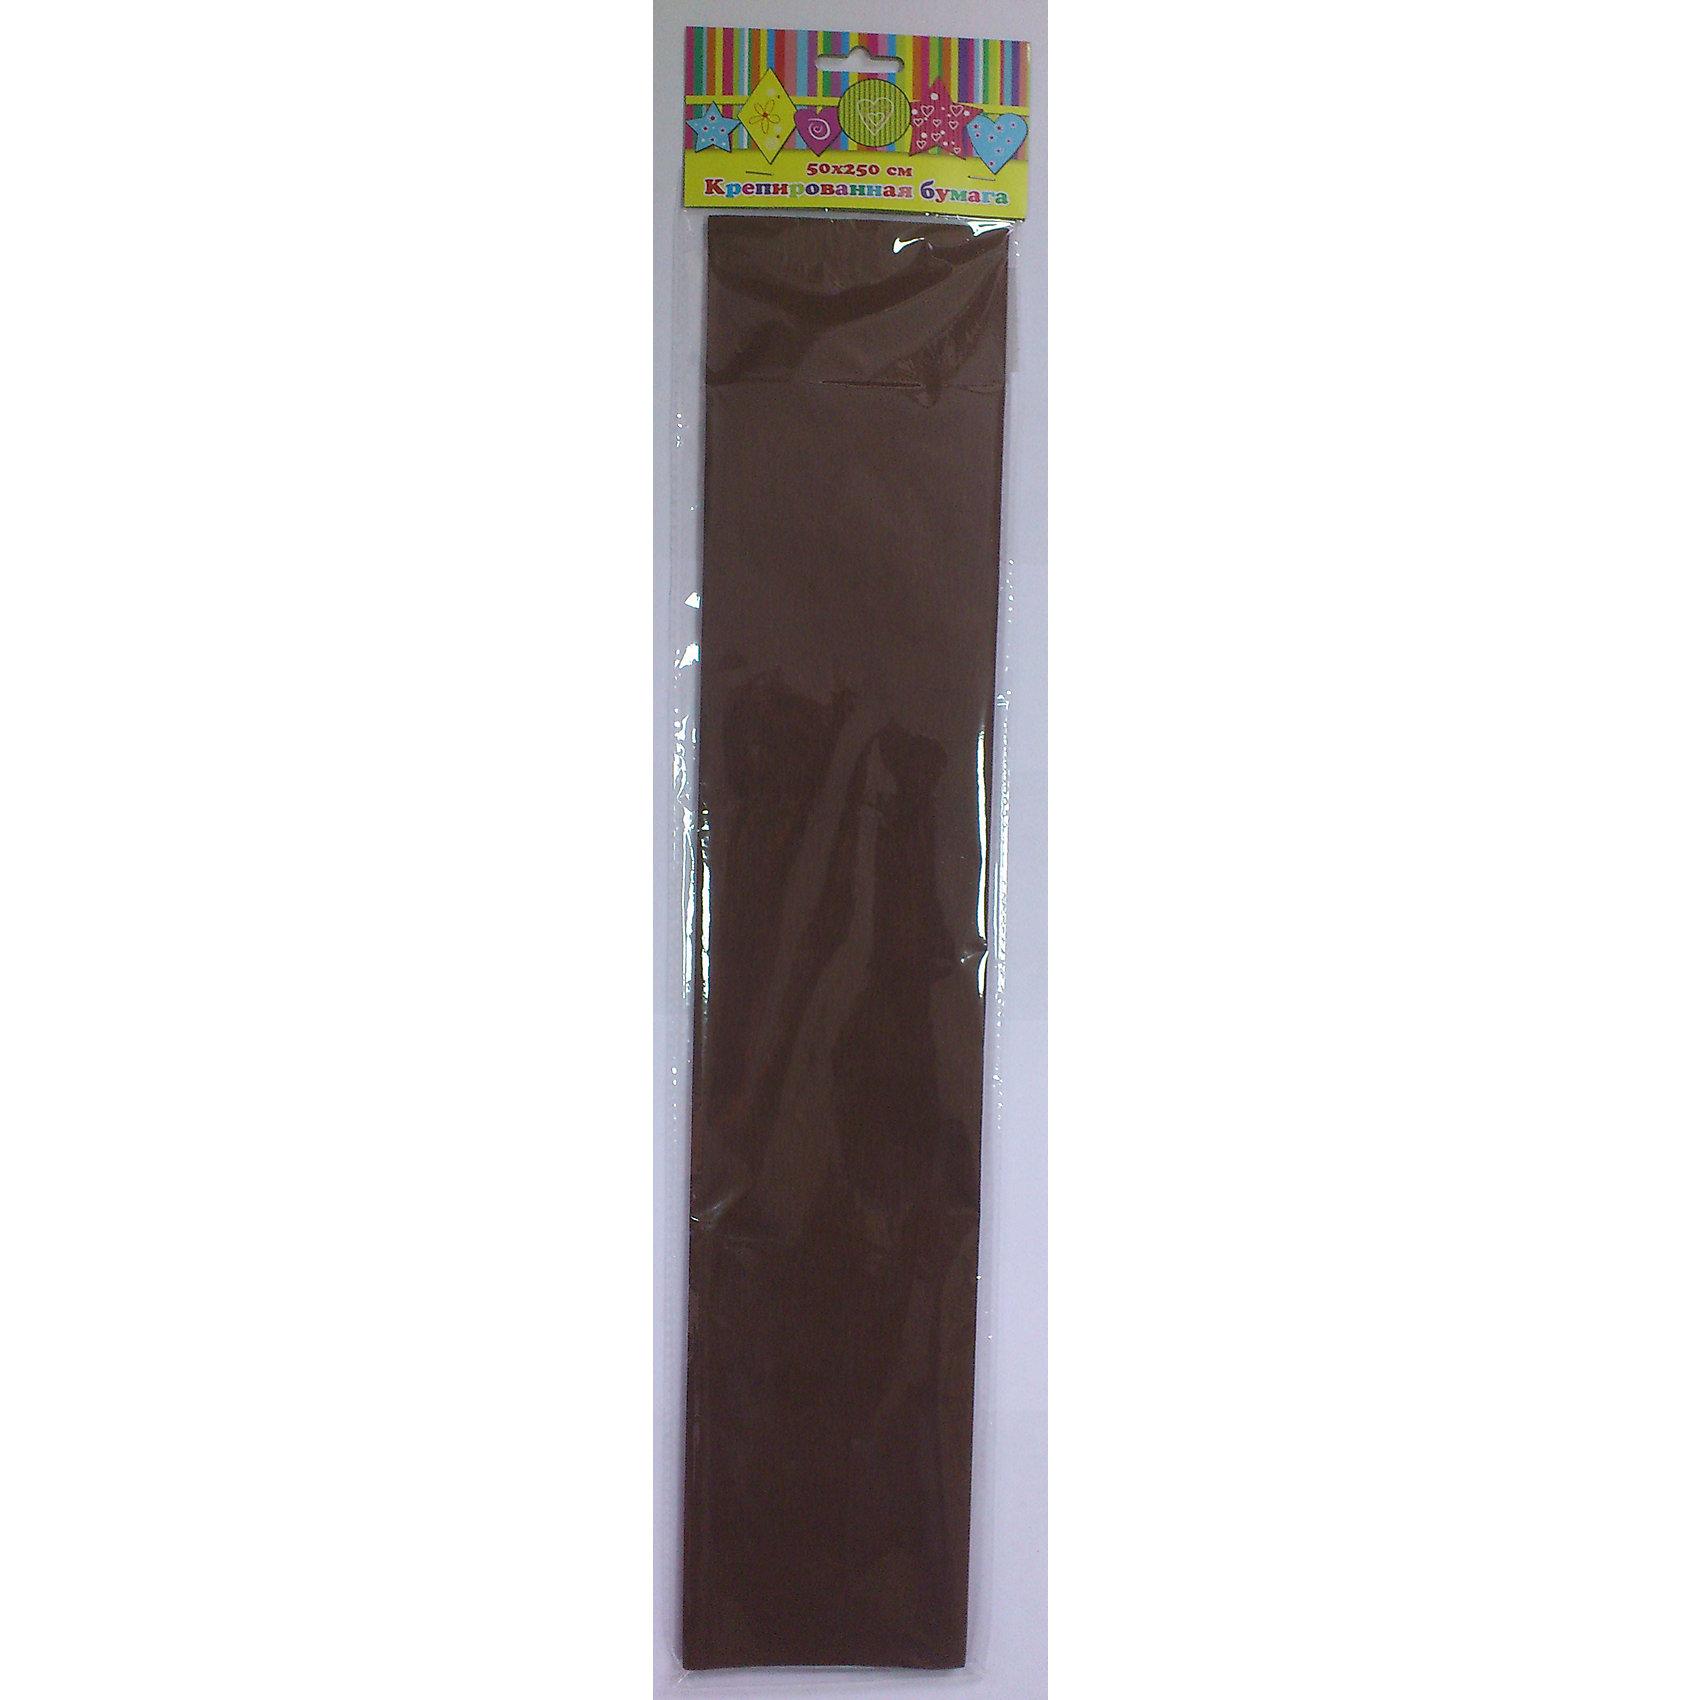 Бумага коричневая крепированнаяБумага<br>Изумительная крепированная бумага коричневого цвета, из нее Ваш малыш сможет сделать множество ярких цветов или другие поделки.<br><br>Дополнительная информация:<br><br>- Возраст: от 3 лет.<br>- 1 лист.<br>- Цвет: коричневый.<br>- Материал: бумага.<br>- Размеры: 50х250 см.<br>- Размер упаковки: 51х11х0,2 см.<br>- Вес в упаковке: 30 г. <br><br>Купить крепированную бумагу в коричневом цвете, можно в нашем магазине.<br><br>Ширина мм: 510<br>Глубина мм: 110<br>Высота мм: 2<br>Вес г: 30<br>Возраст от месяцев: 36<br>Возраст до месяцев: 2147483647<br>Пол: Унисекс<br>Возраст: Детский<br>SKU: 4943642